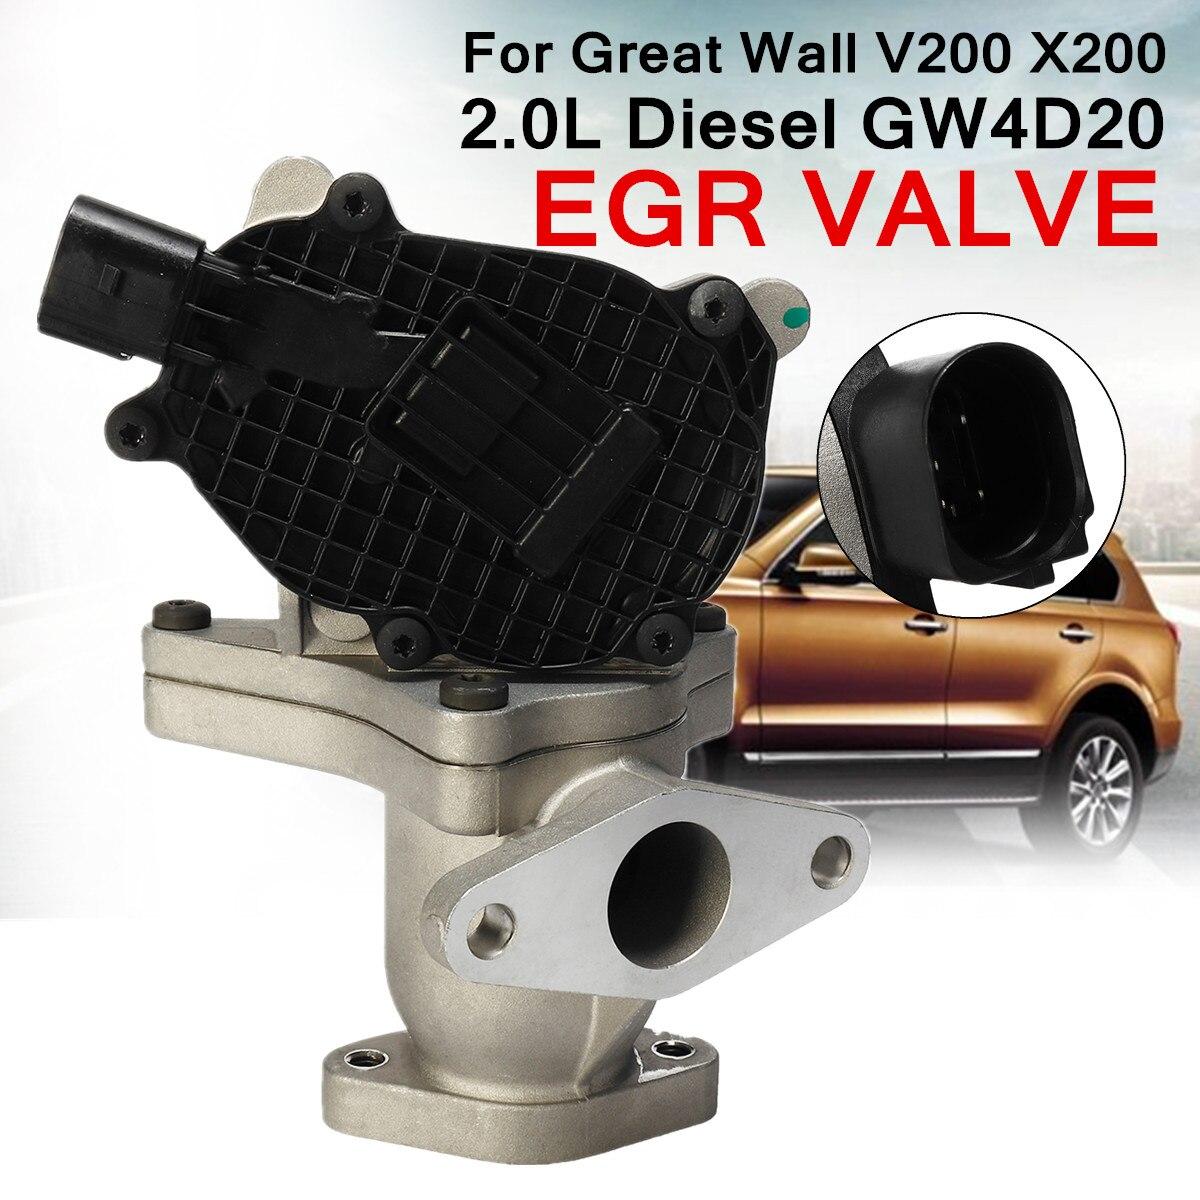 EGR Válvula de Escape de Gás para Great Wall 1207100-ED01A V200 X200 GW4D20 2.0L para Diesel Válvula de Recirculação De Reduzir A Temperatura Dos Nox